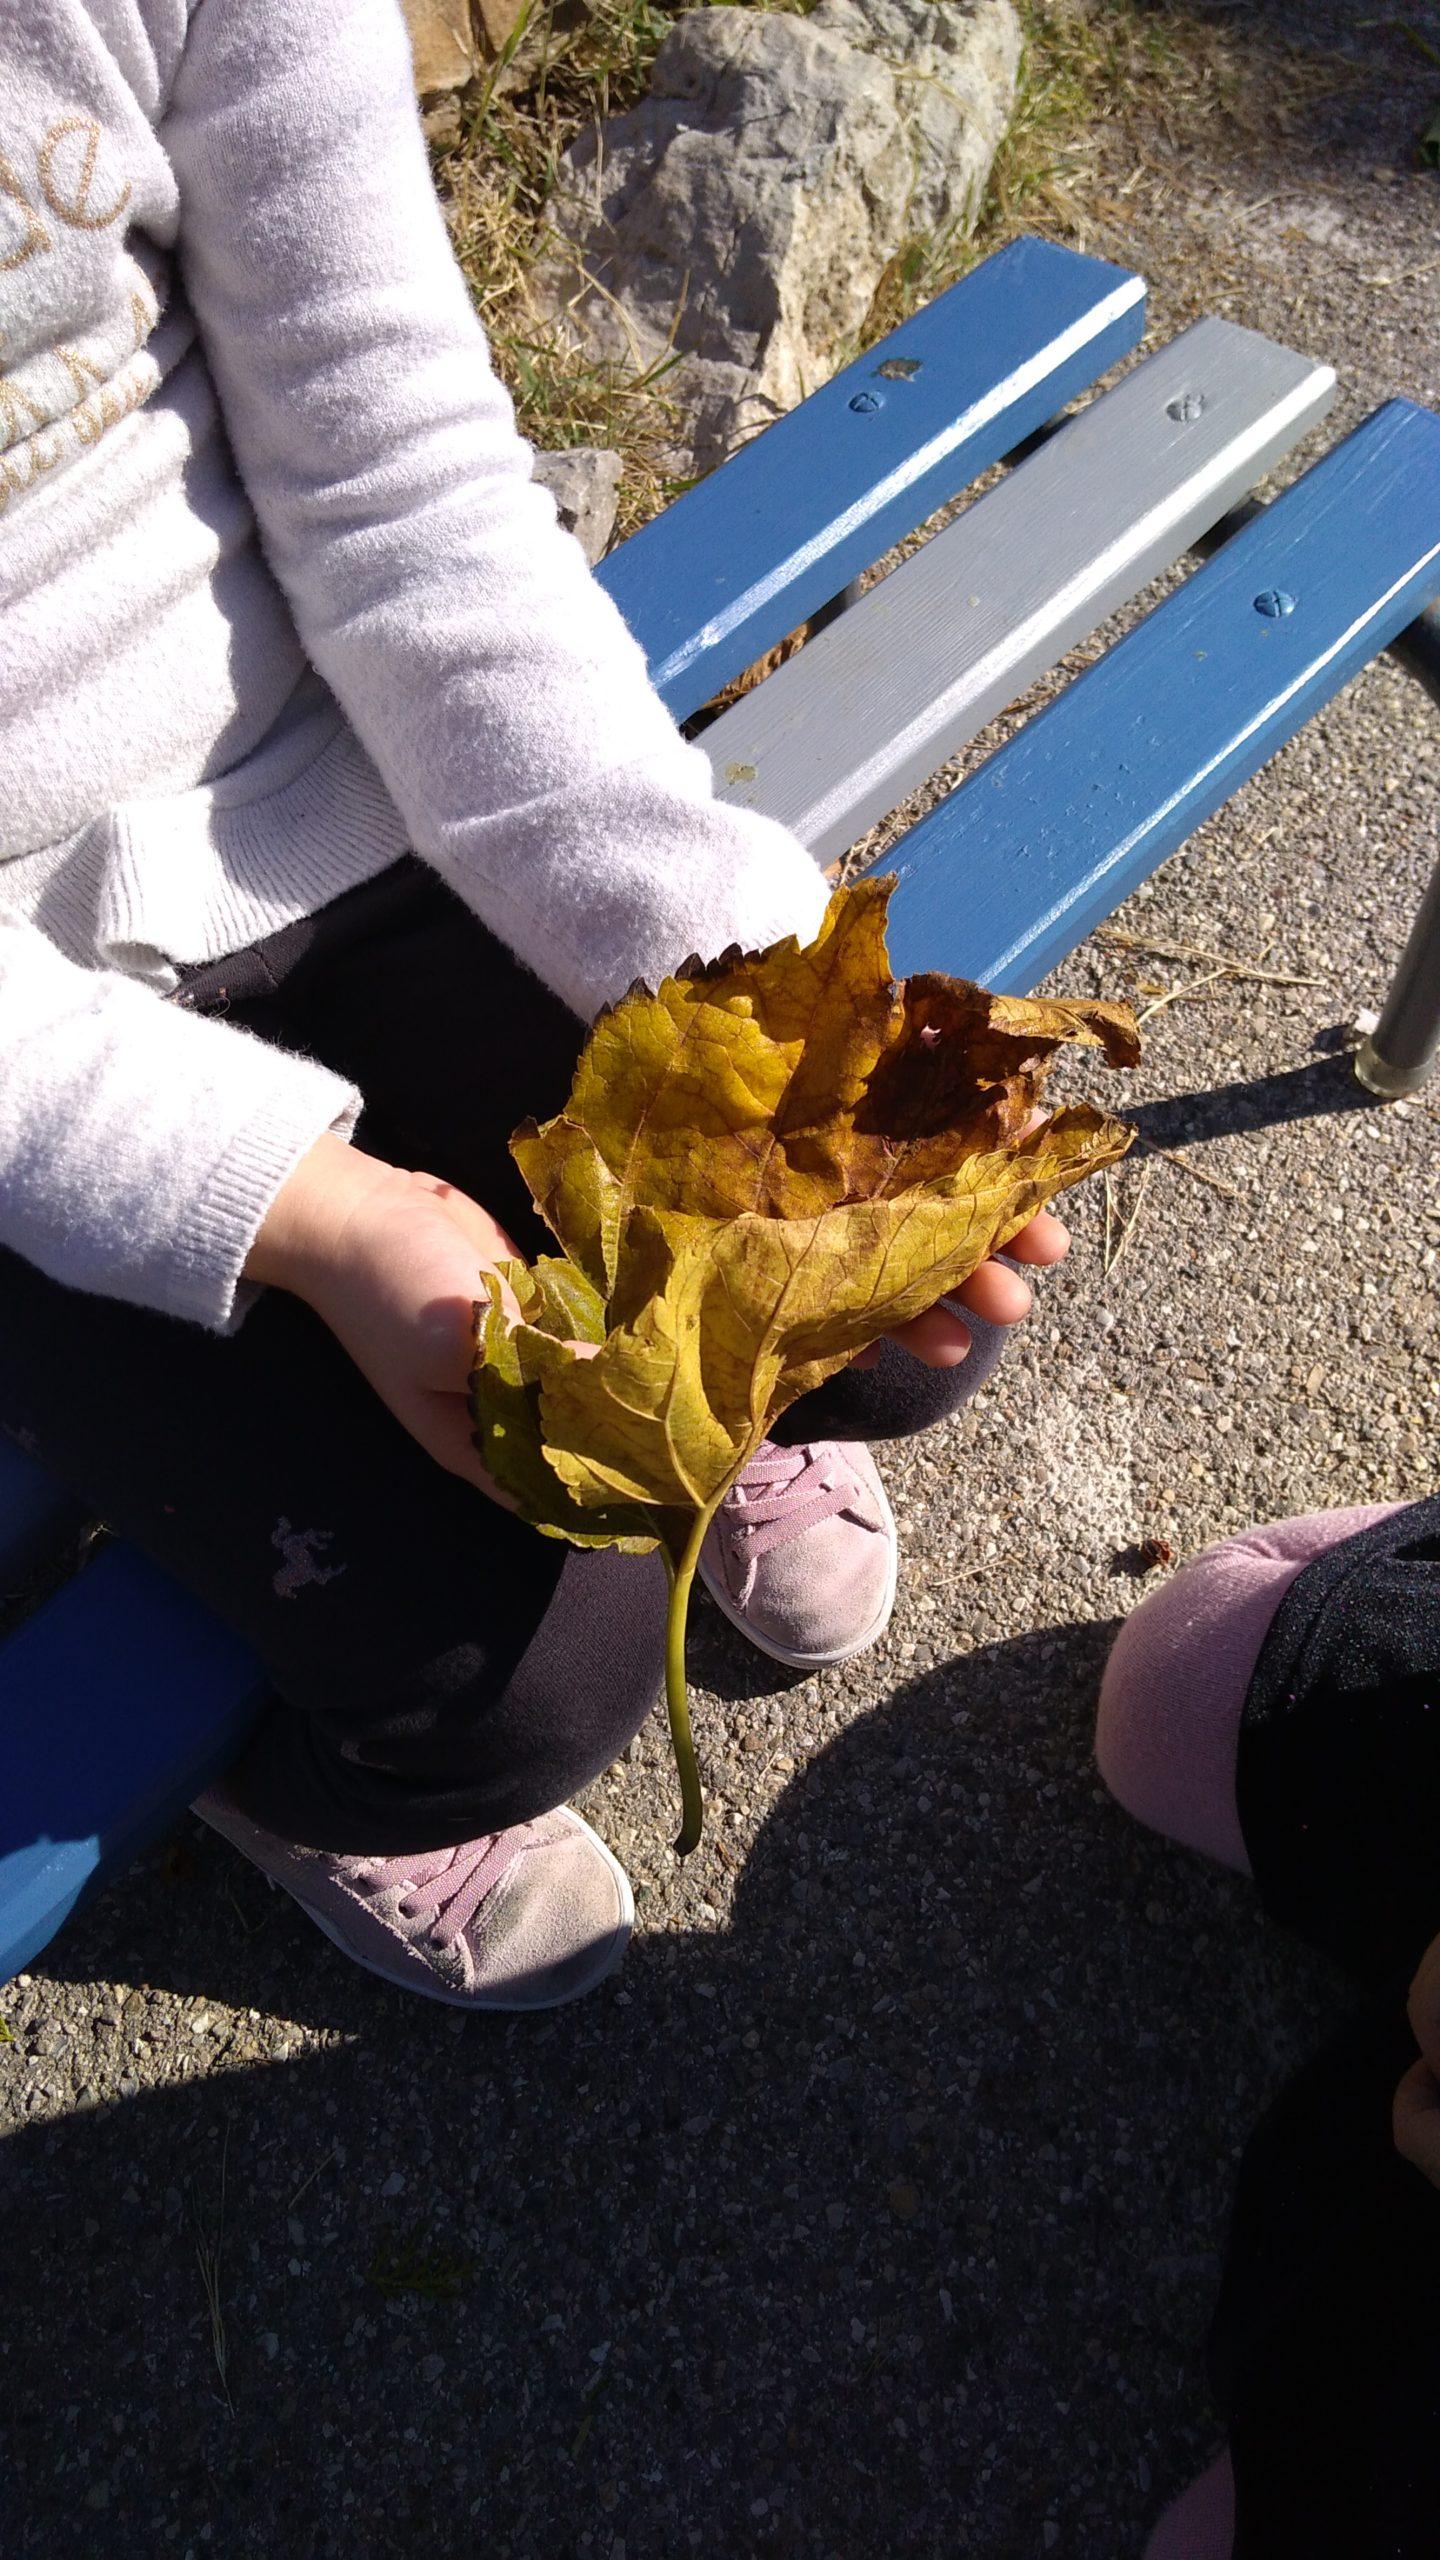 Ecole Sainte Marie Fuveau espaces verts cadre bucolique mains d'une petite fille tenant en admiration une grande feuille de mûrier jaunie